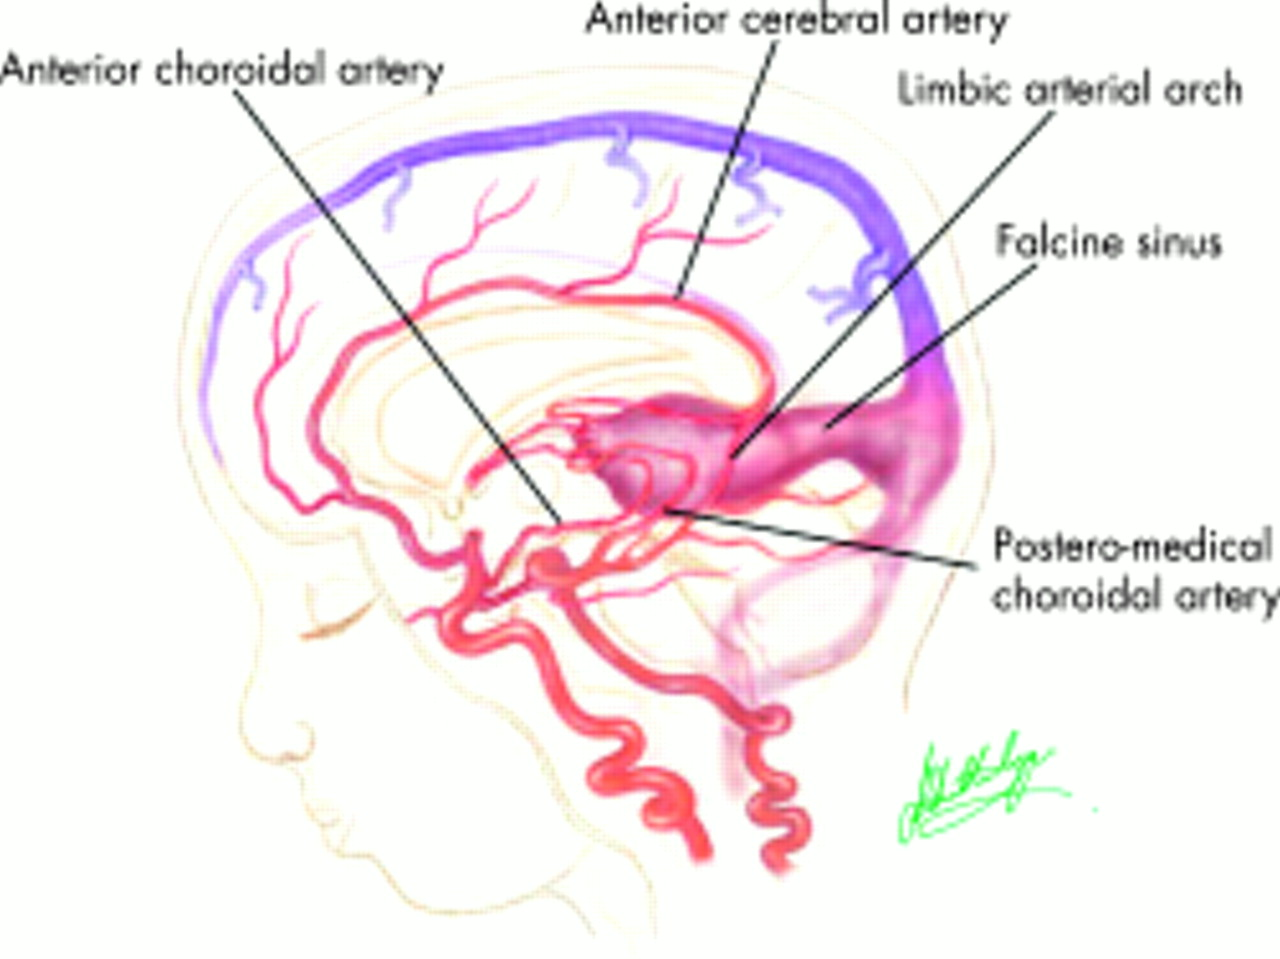 Vein Of Galen Malformations Journal Of Neurology Neurosurgery